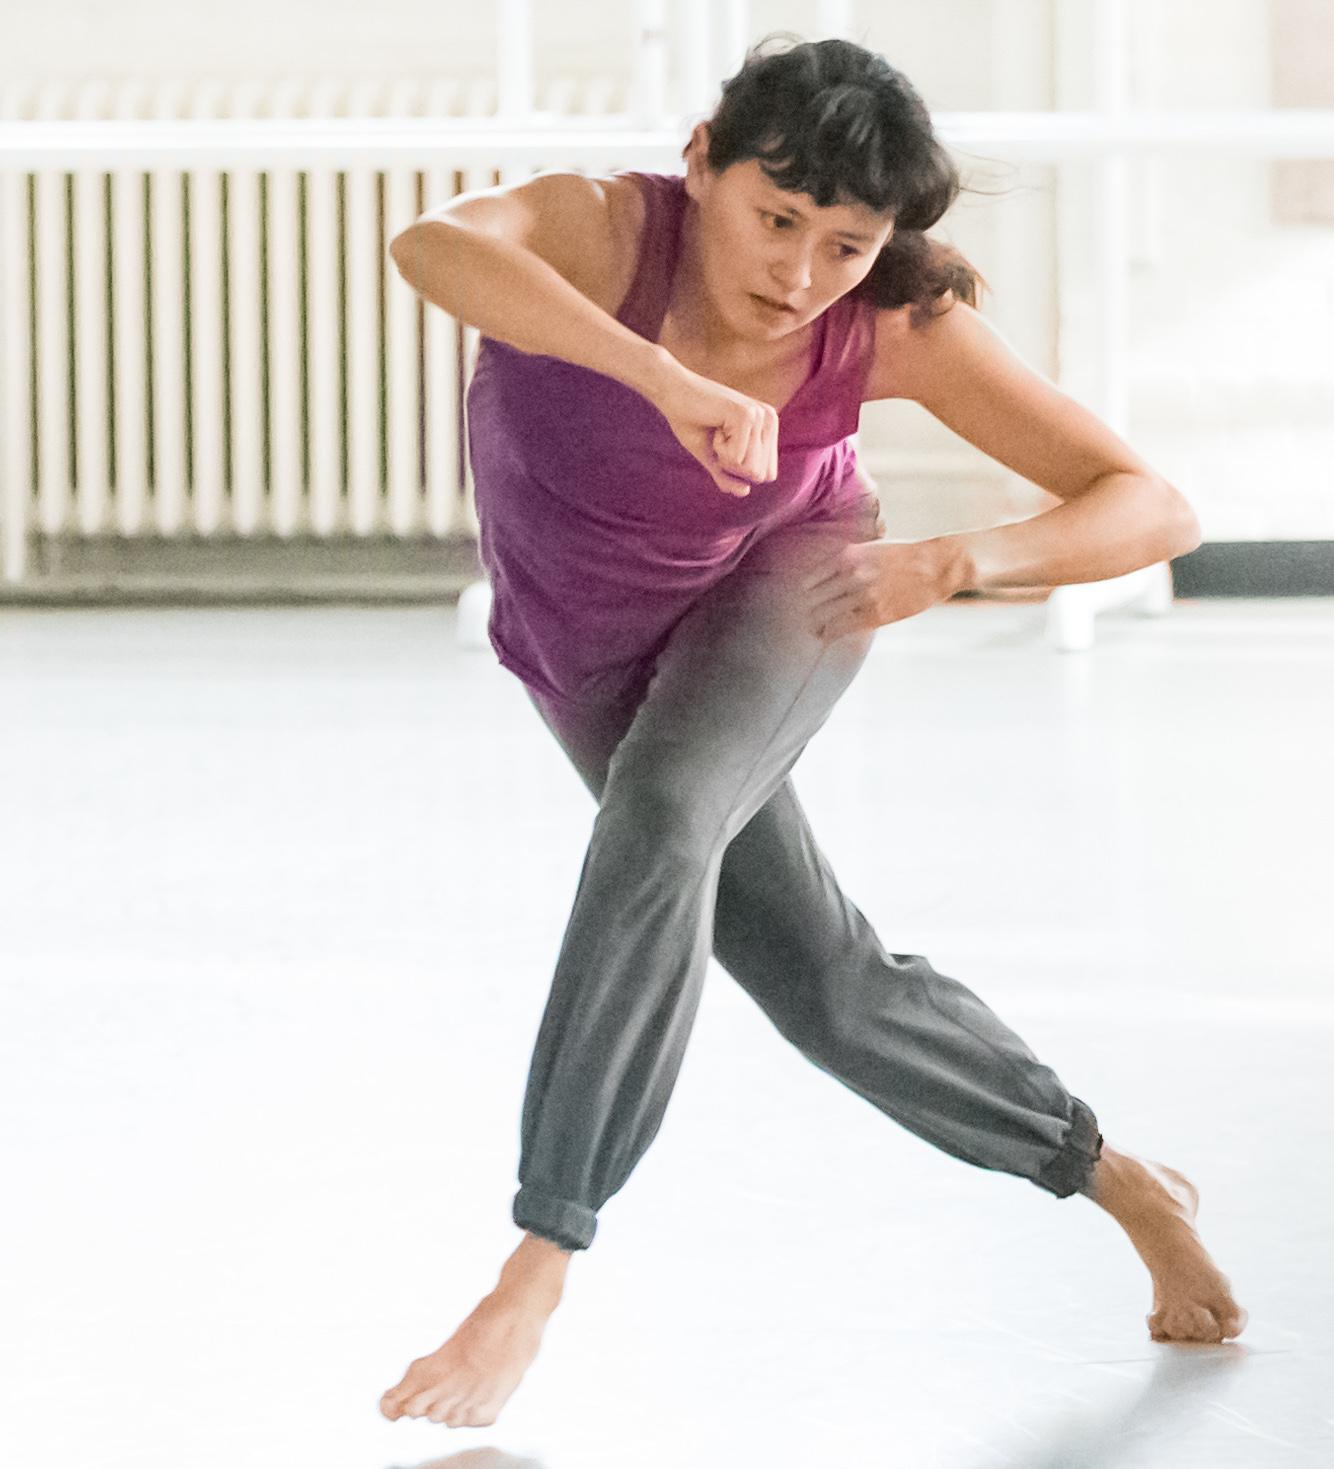 Michelle Boulé, Dance Artist